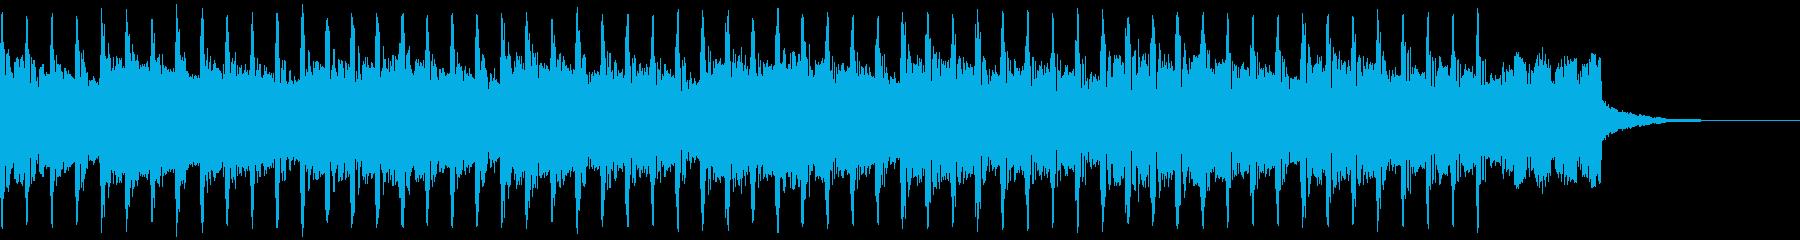 機関(30秒)の再生済みの波形